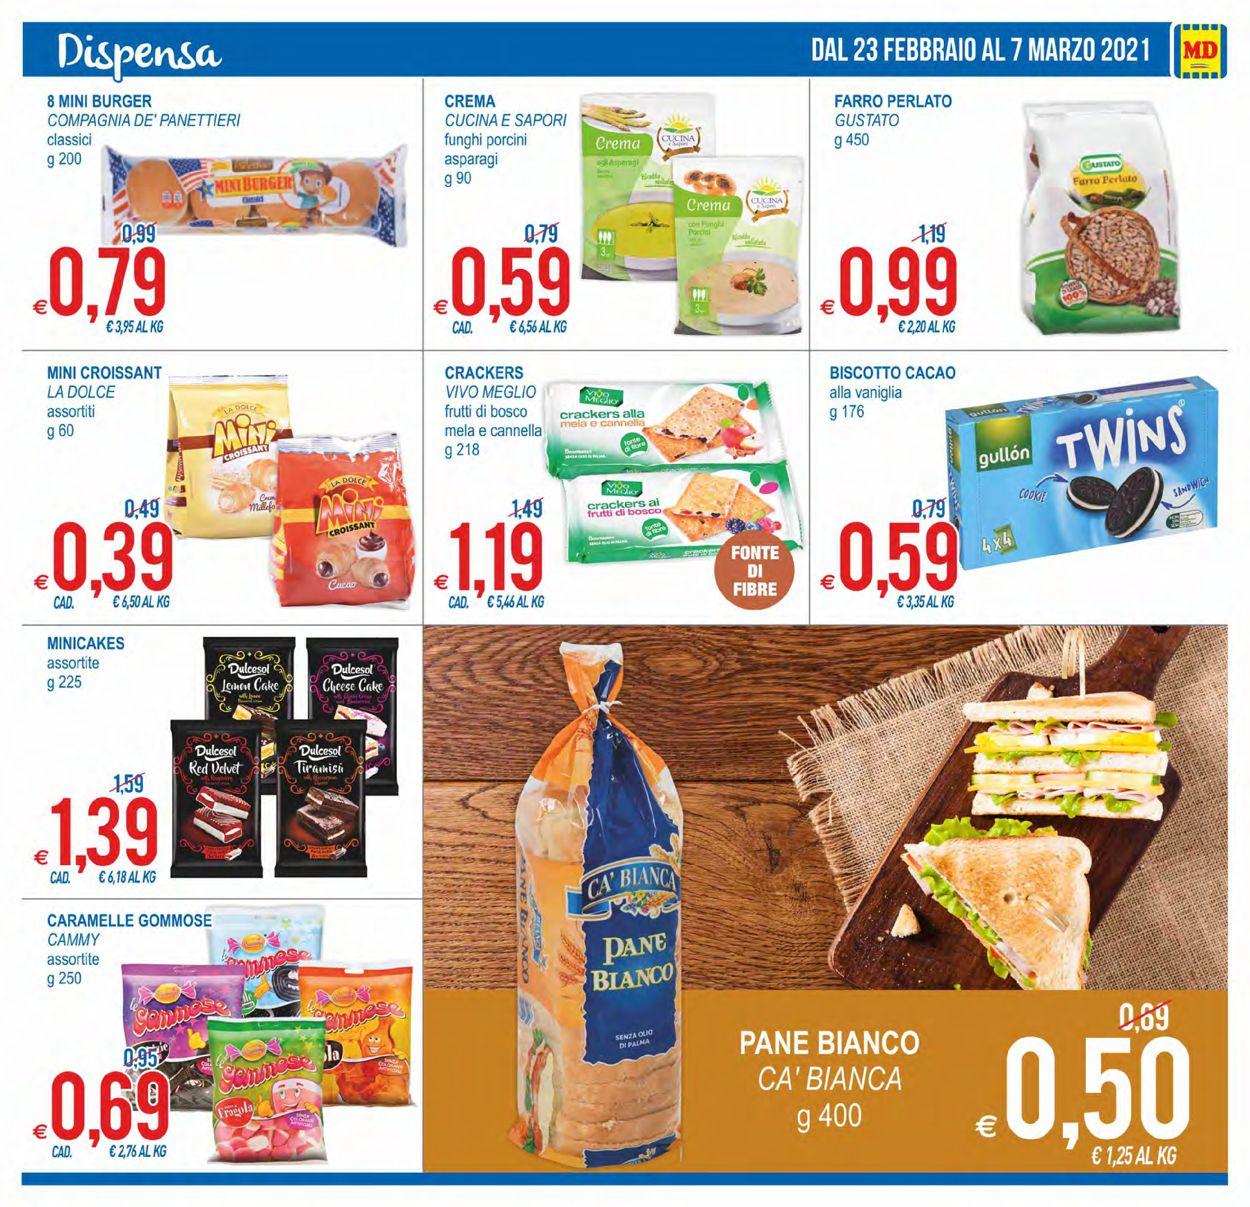 Volantino MD Discount - Offerte 23/02-07/03/2021 (Pagina 15)